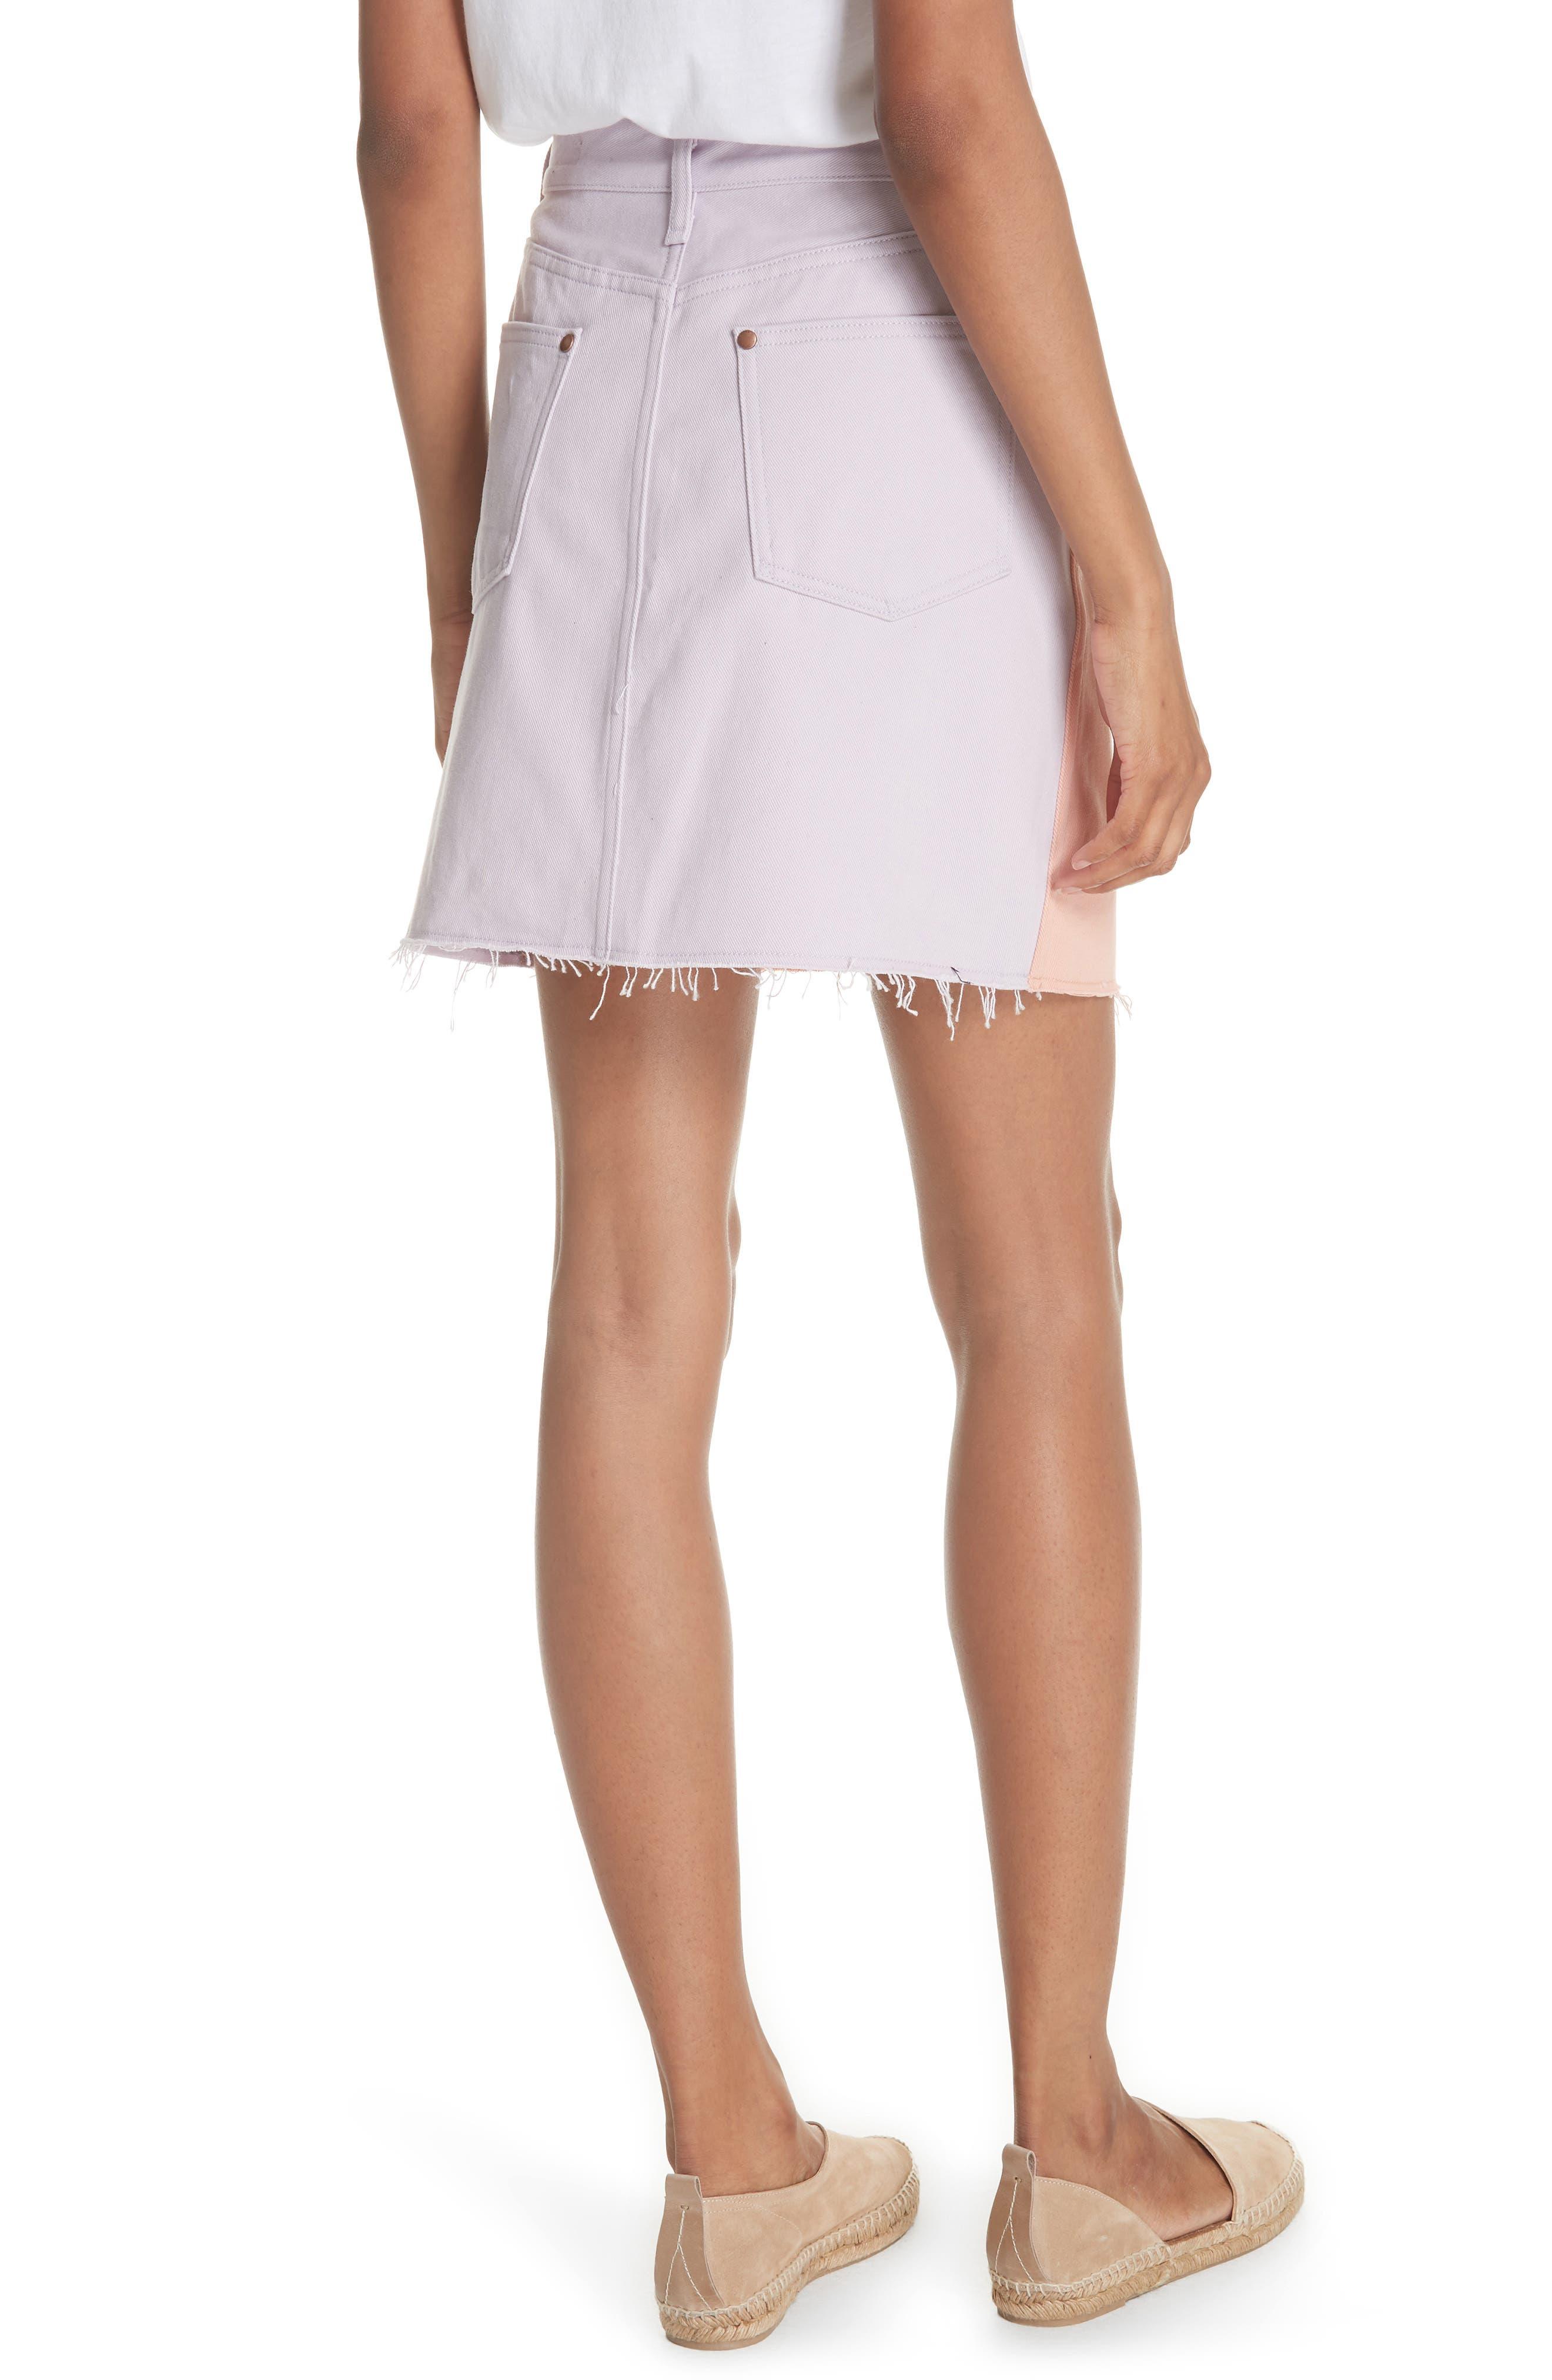 Moss Skirt,                             Alternate thumbnail 2, color,                             950